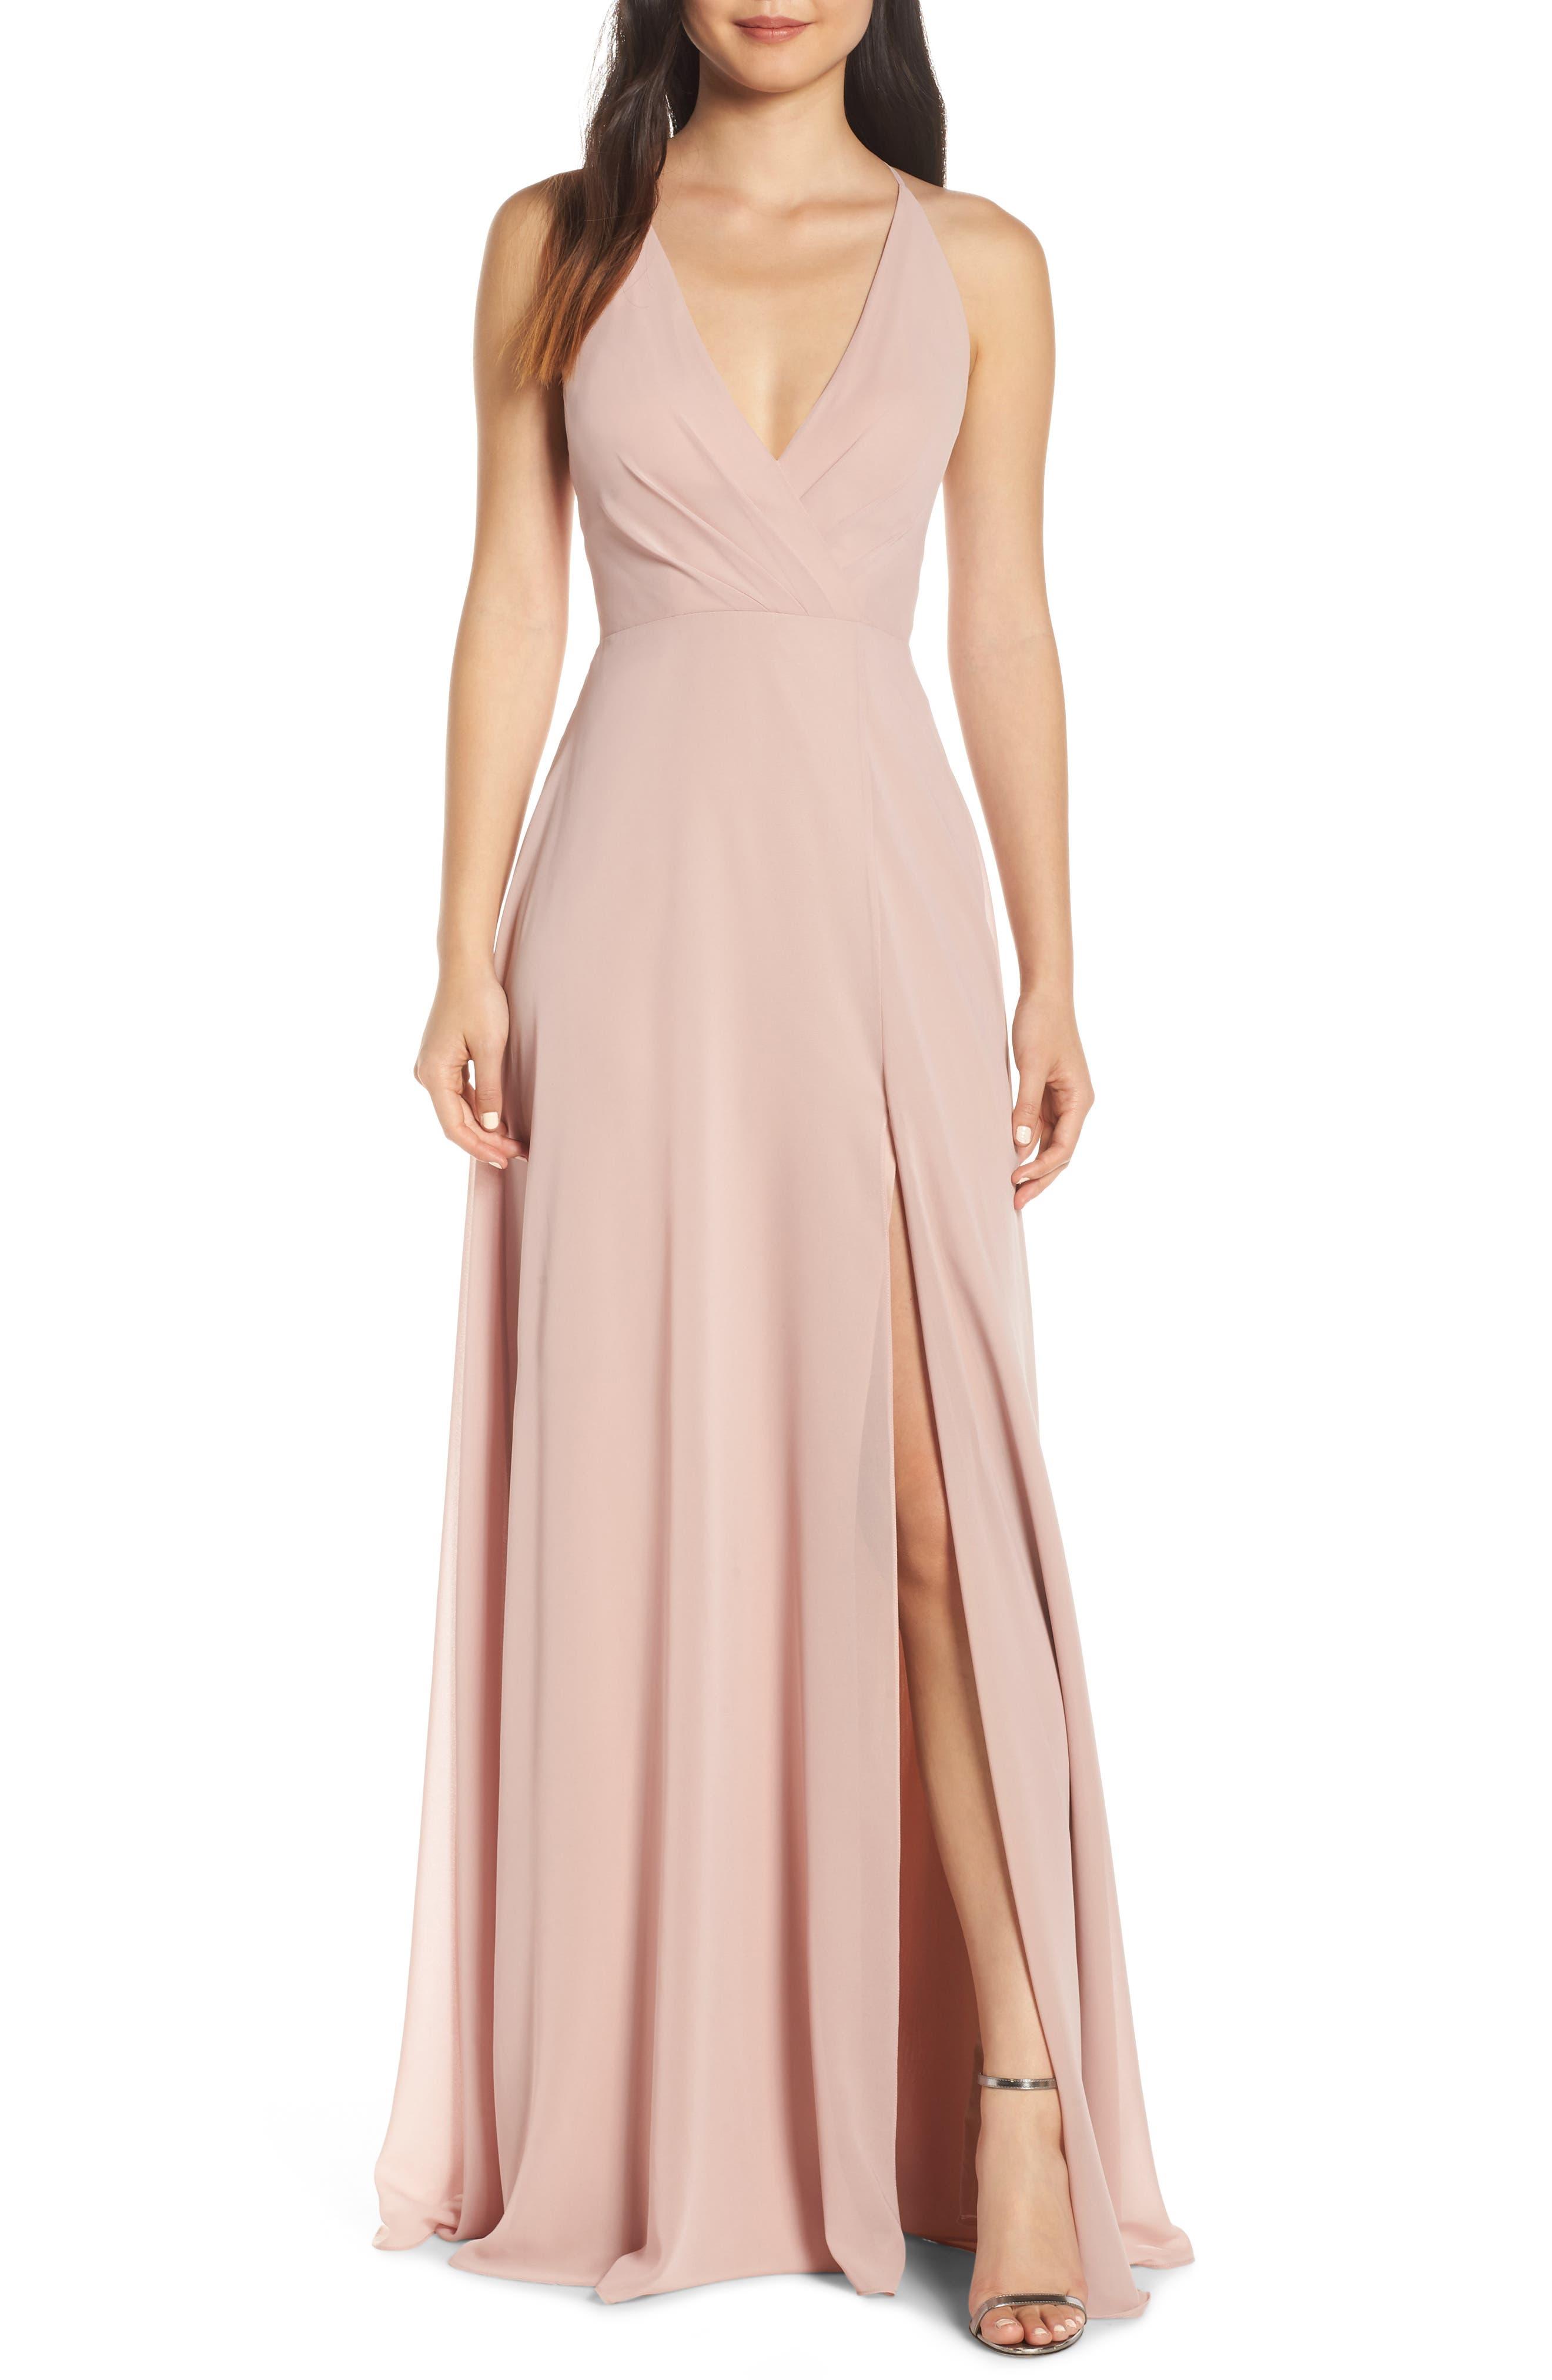 Pink Long Formal Dress